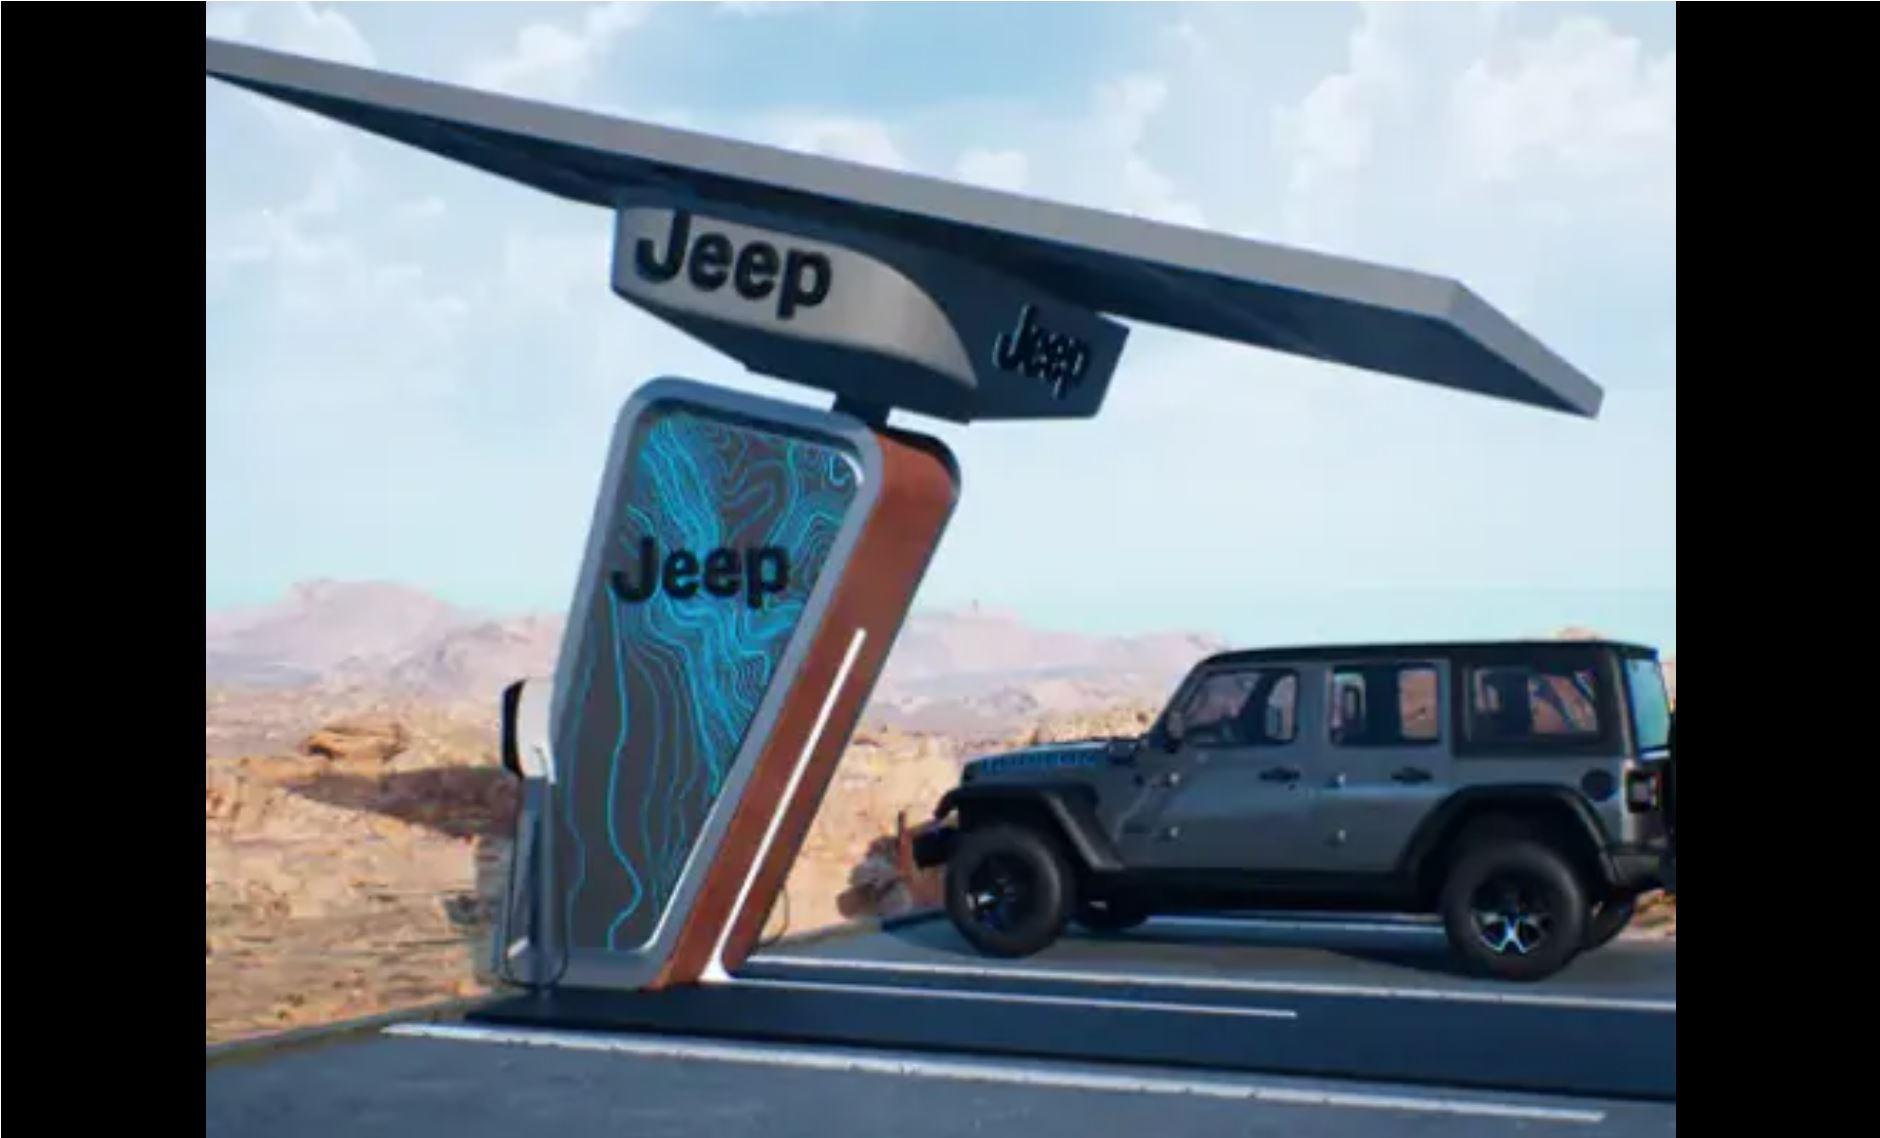 TS-Jeep03-030921